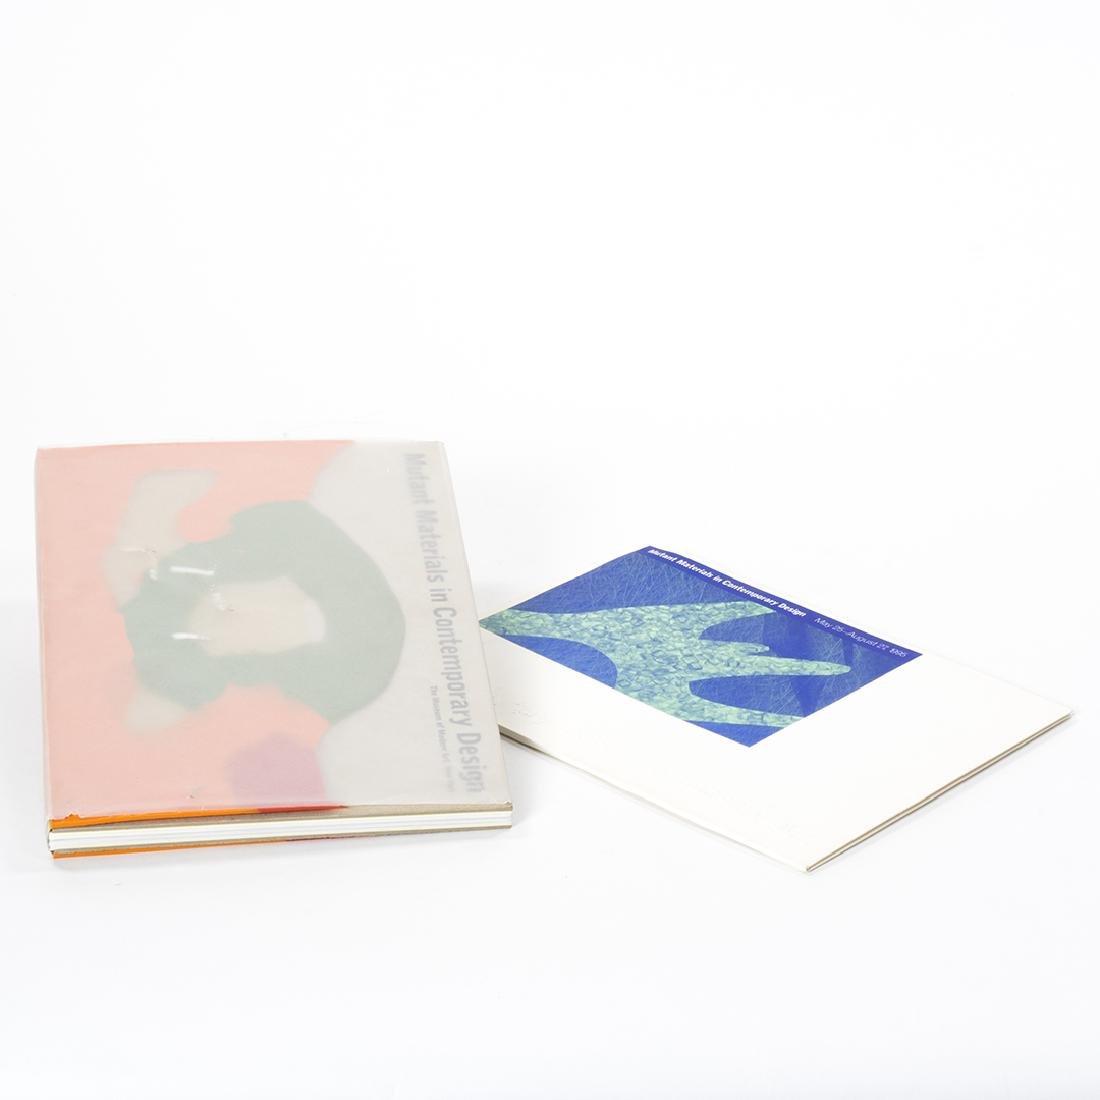 Gaetano Pesce Mutant Materials Catalog - 2